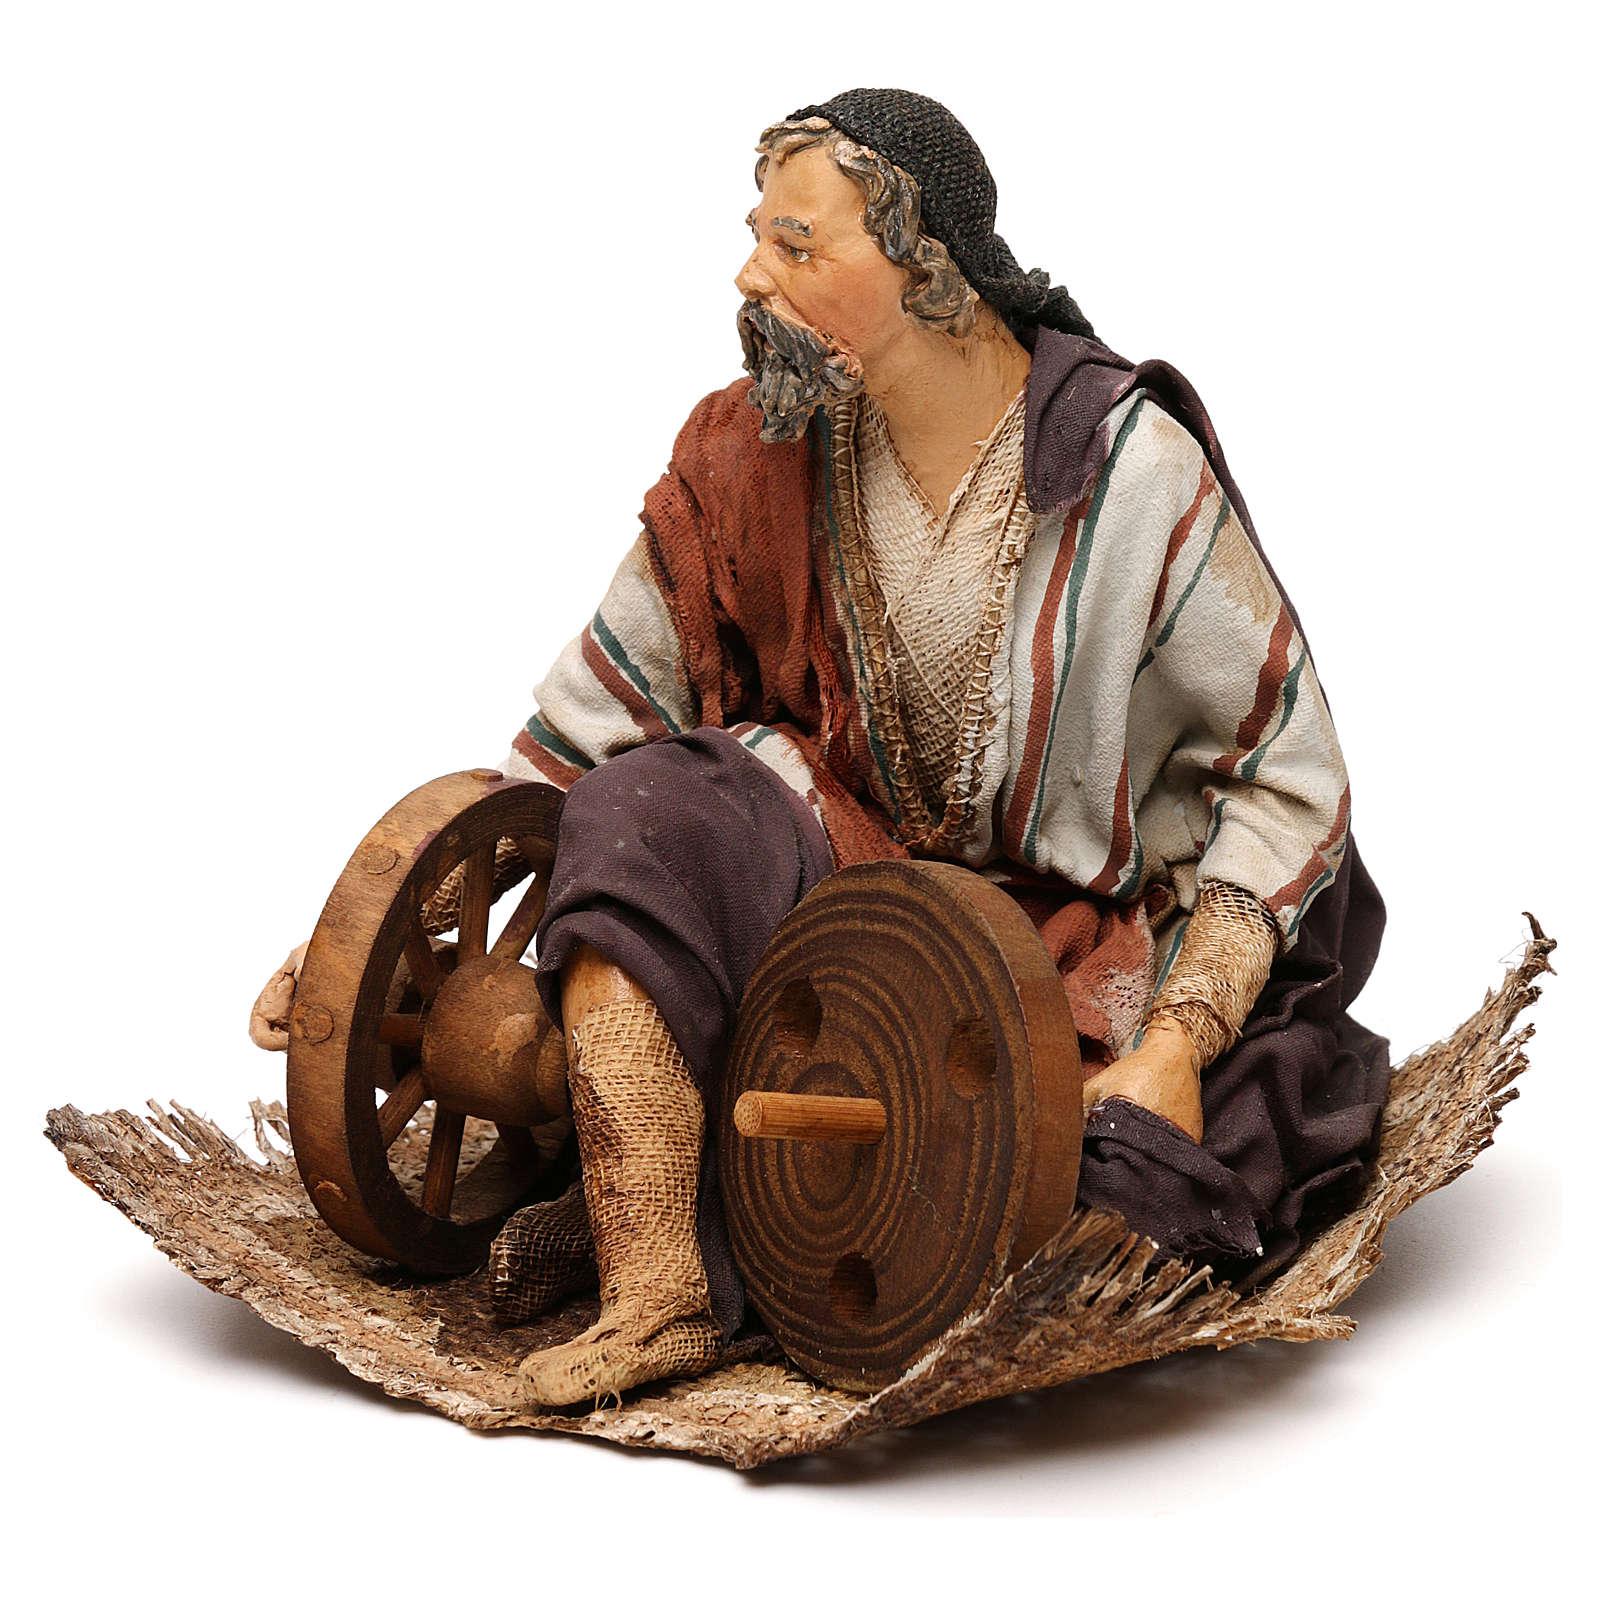 Pastore seduto con ruote 18 cm Angela Tripi 4